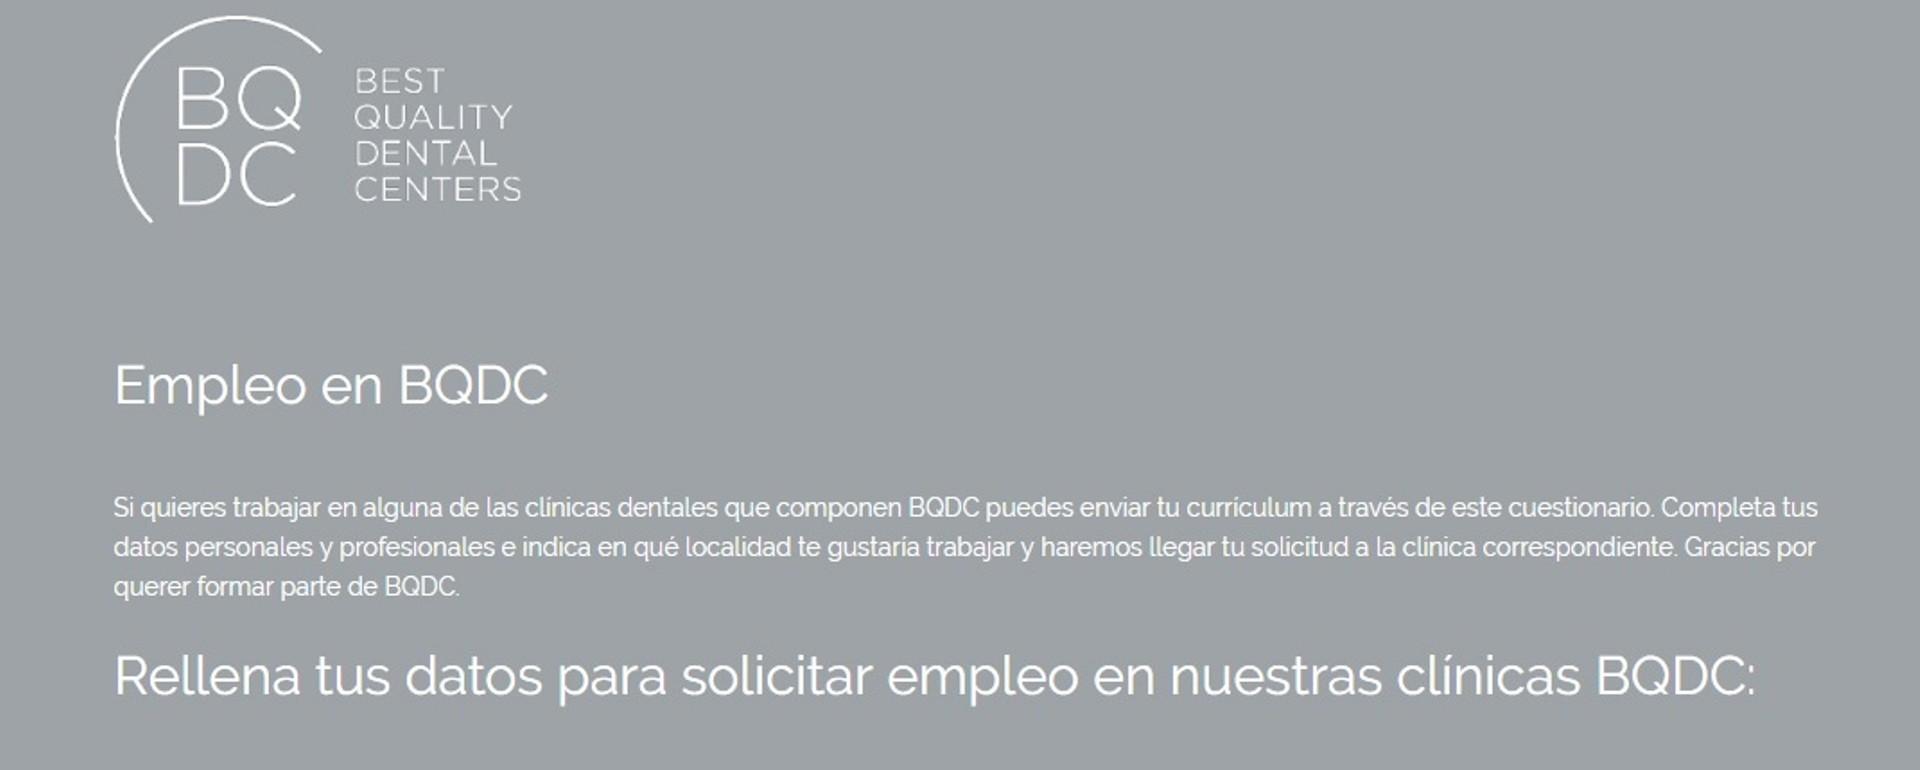 La Asociación de Dentistas BQDC crea una plataforma web para quienes buscan trabajo en el sector de la Odontología